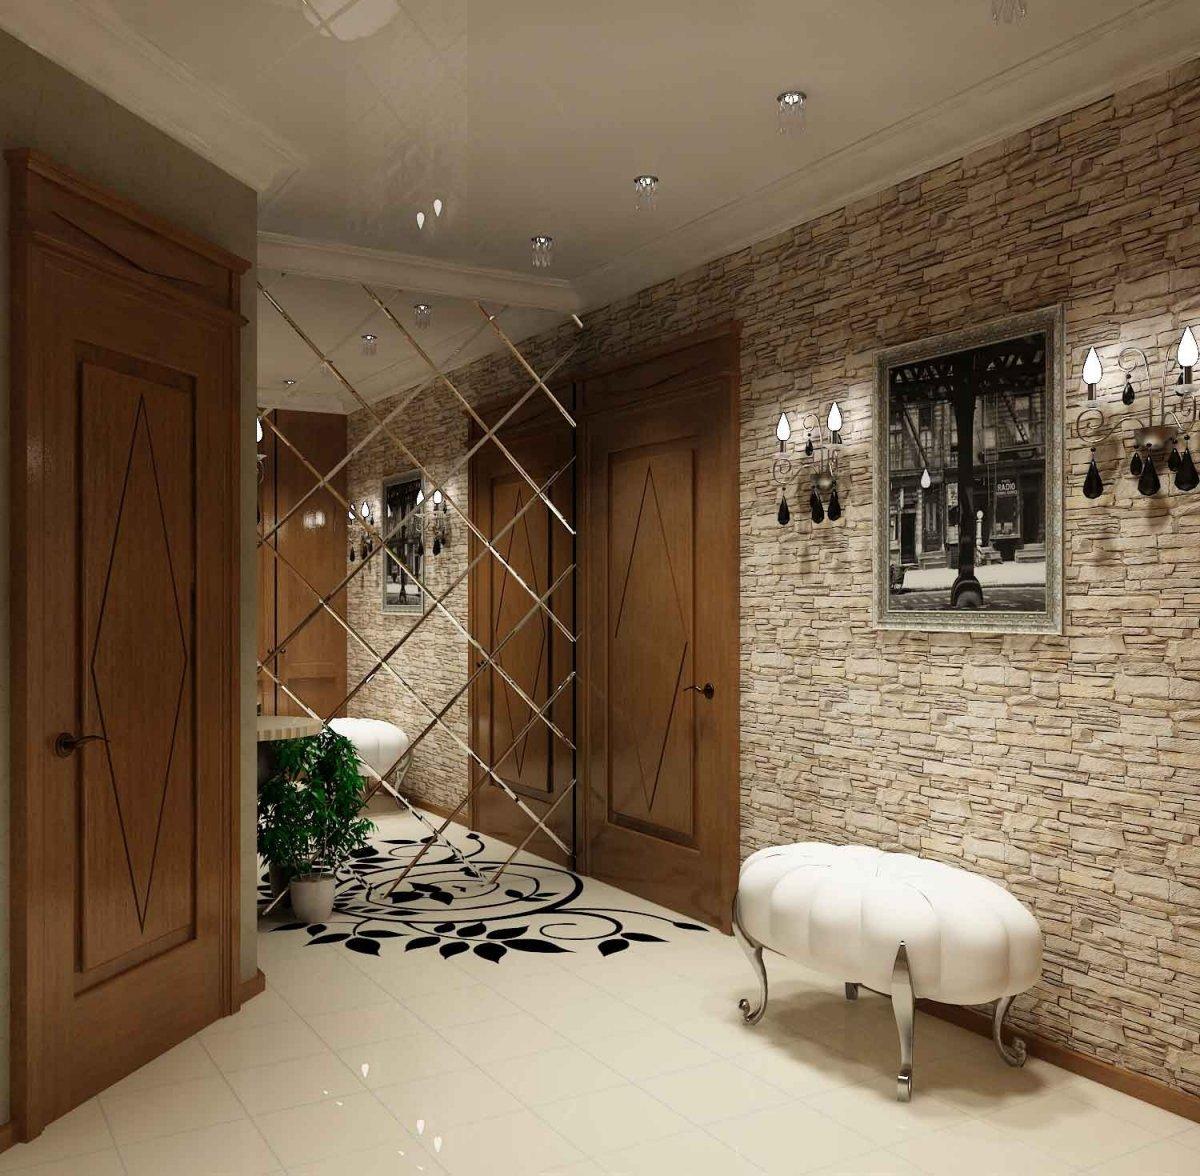 Камень на стене для кухни (47 фото): искусственный декоративный камень, каменная отделка кухни